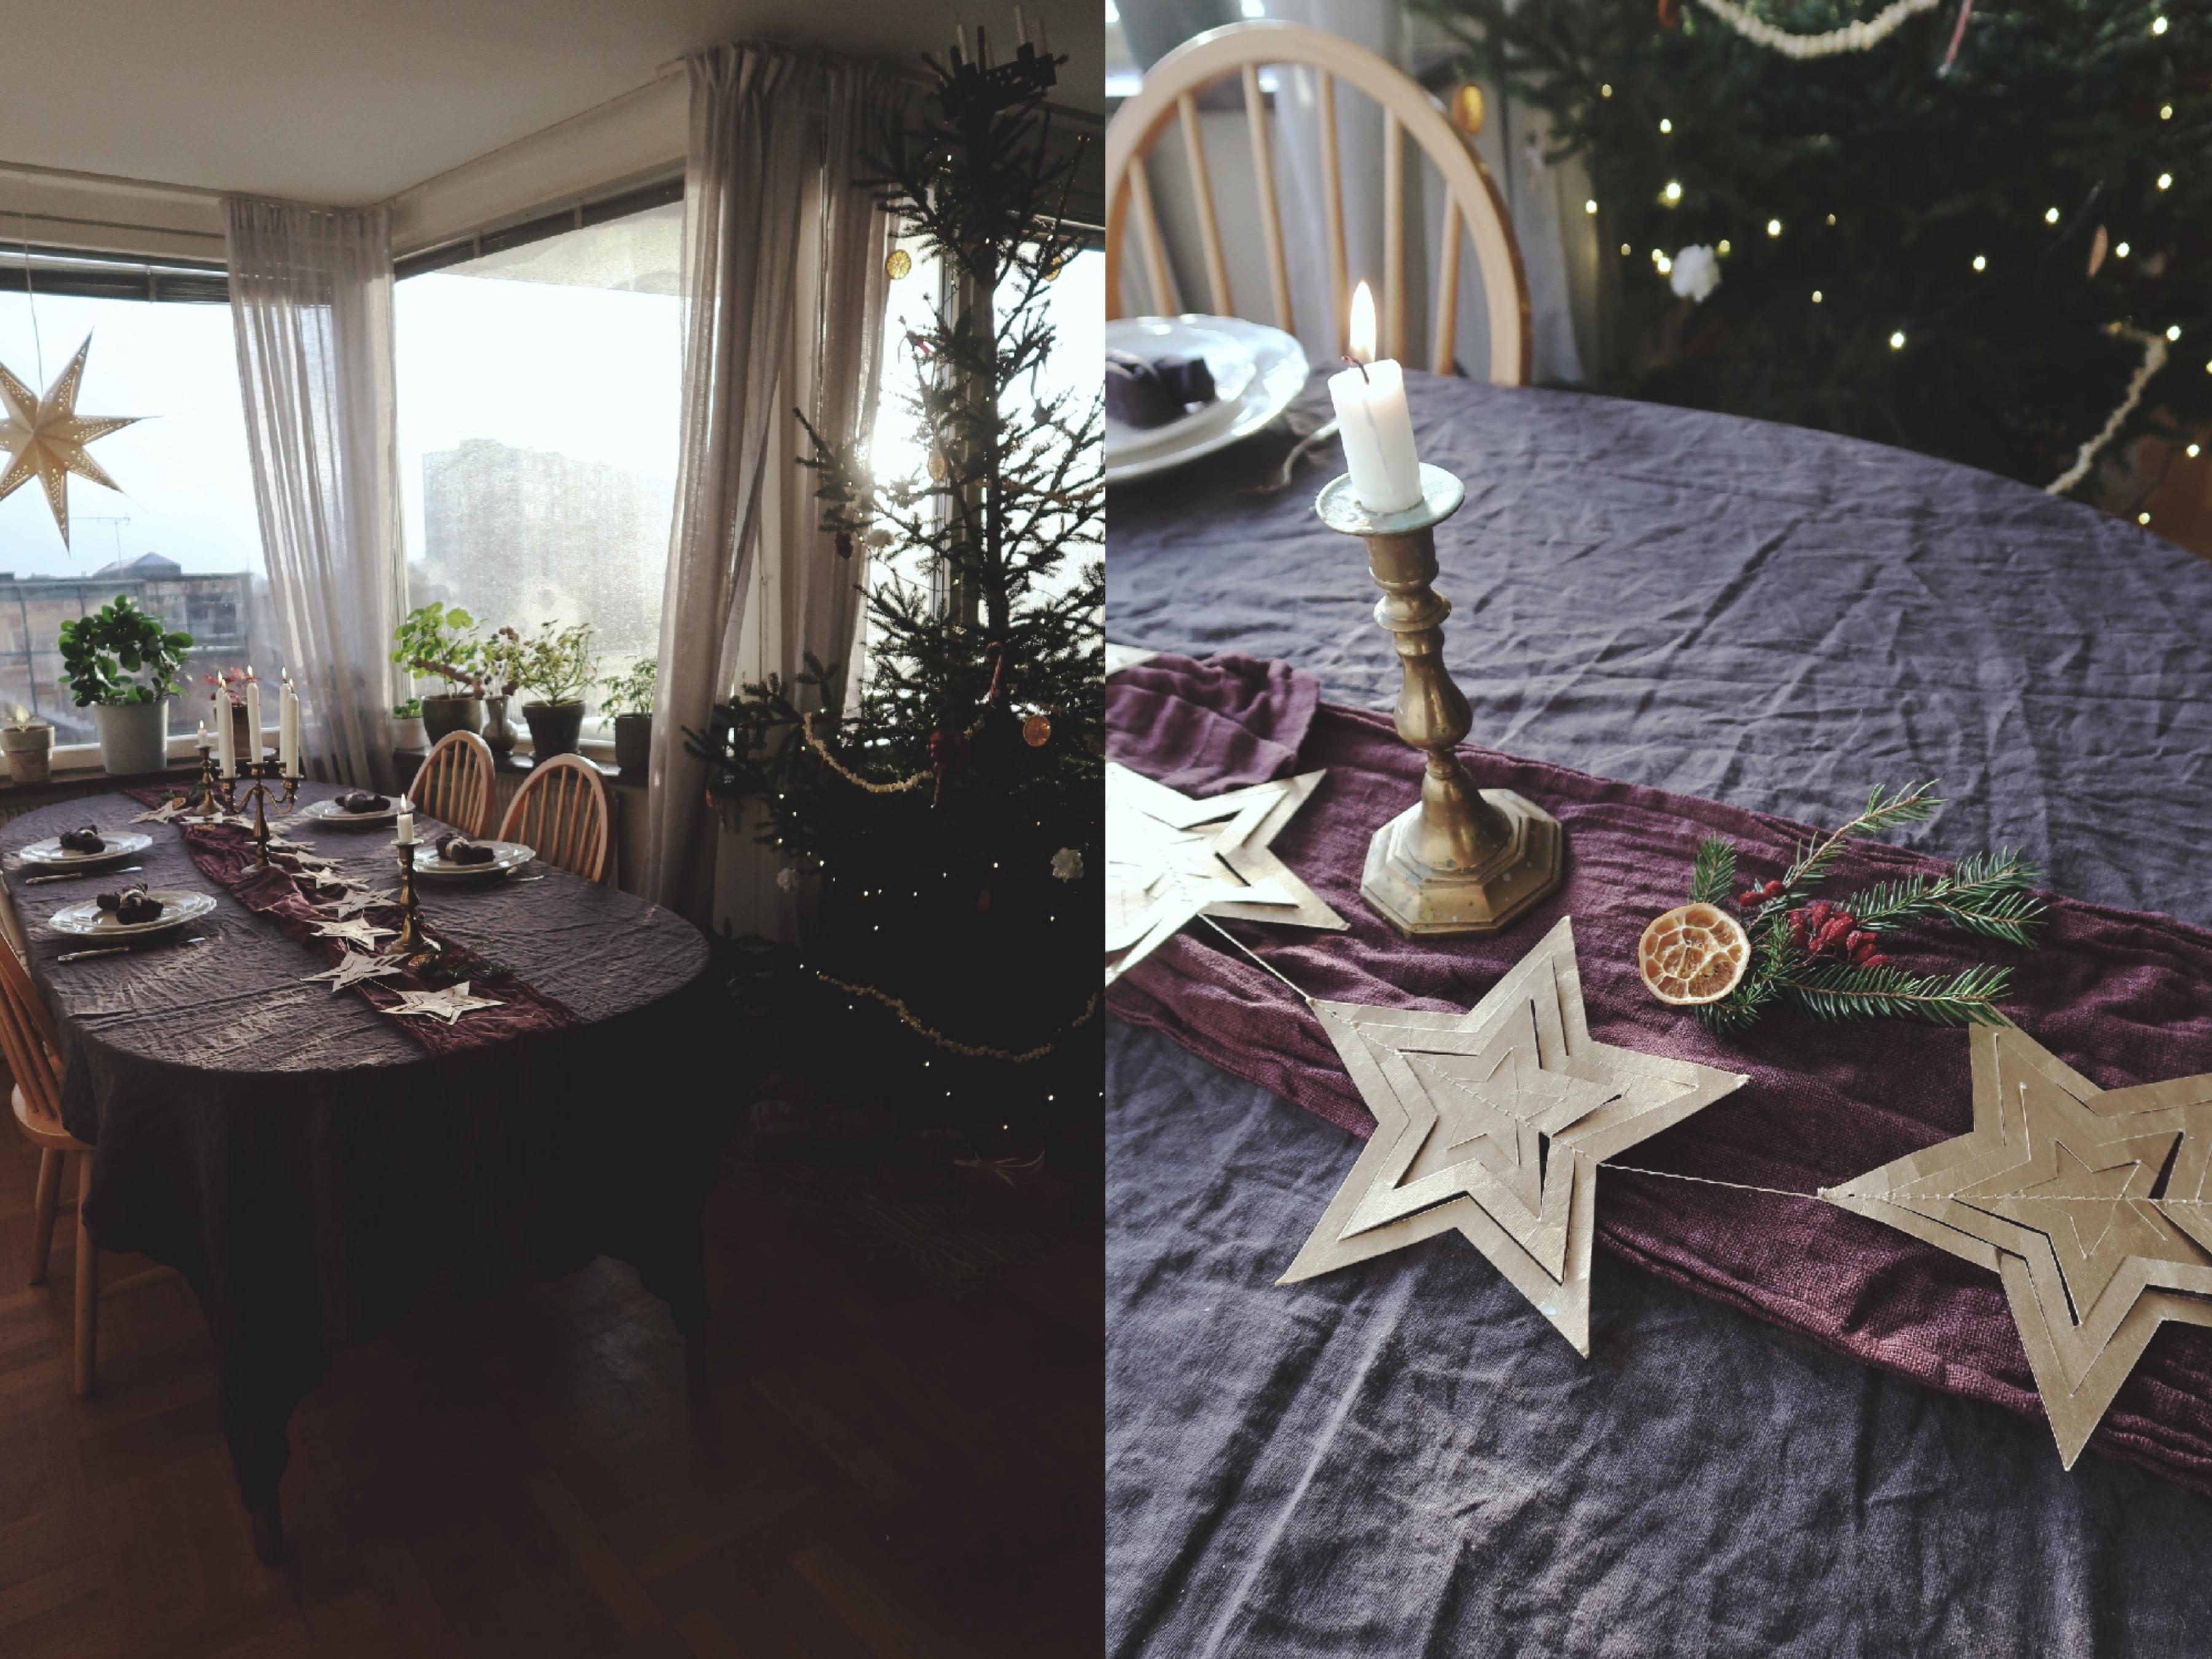 Juldukning med loppisfynd i mässing